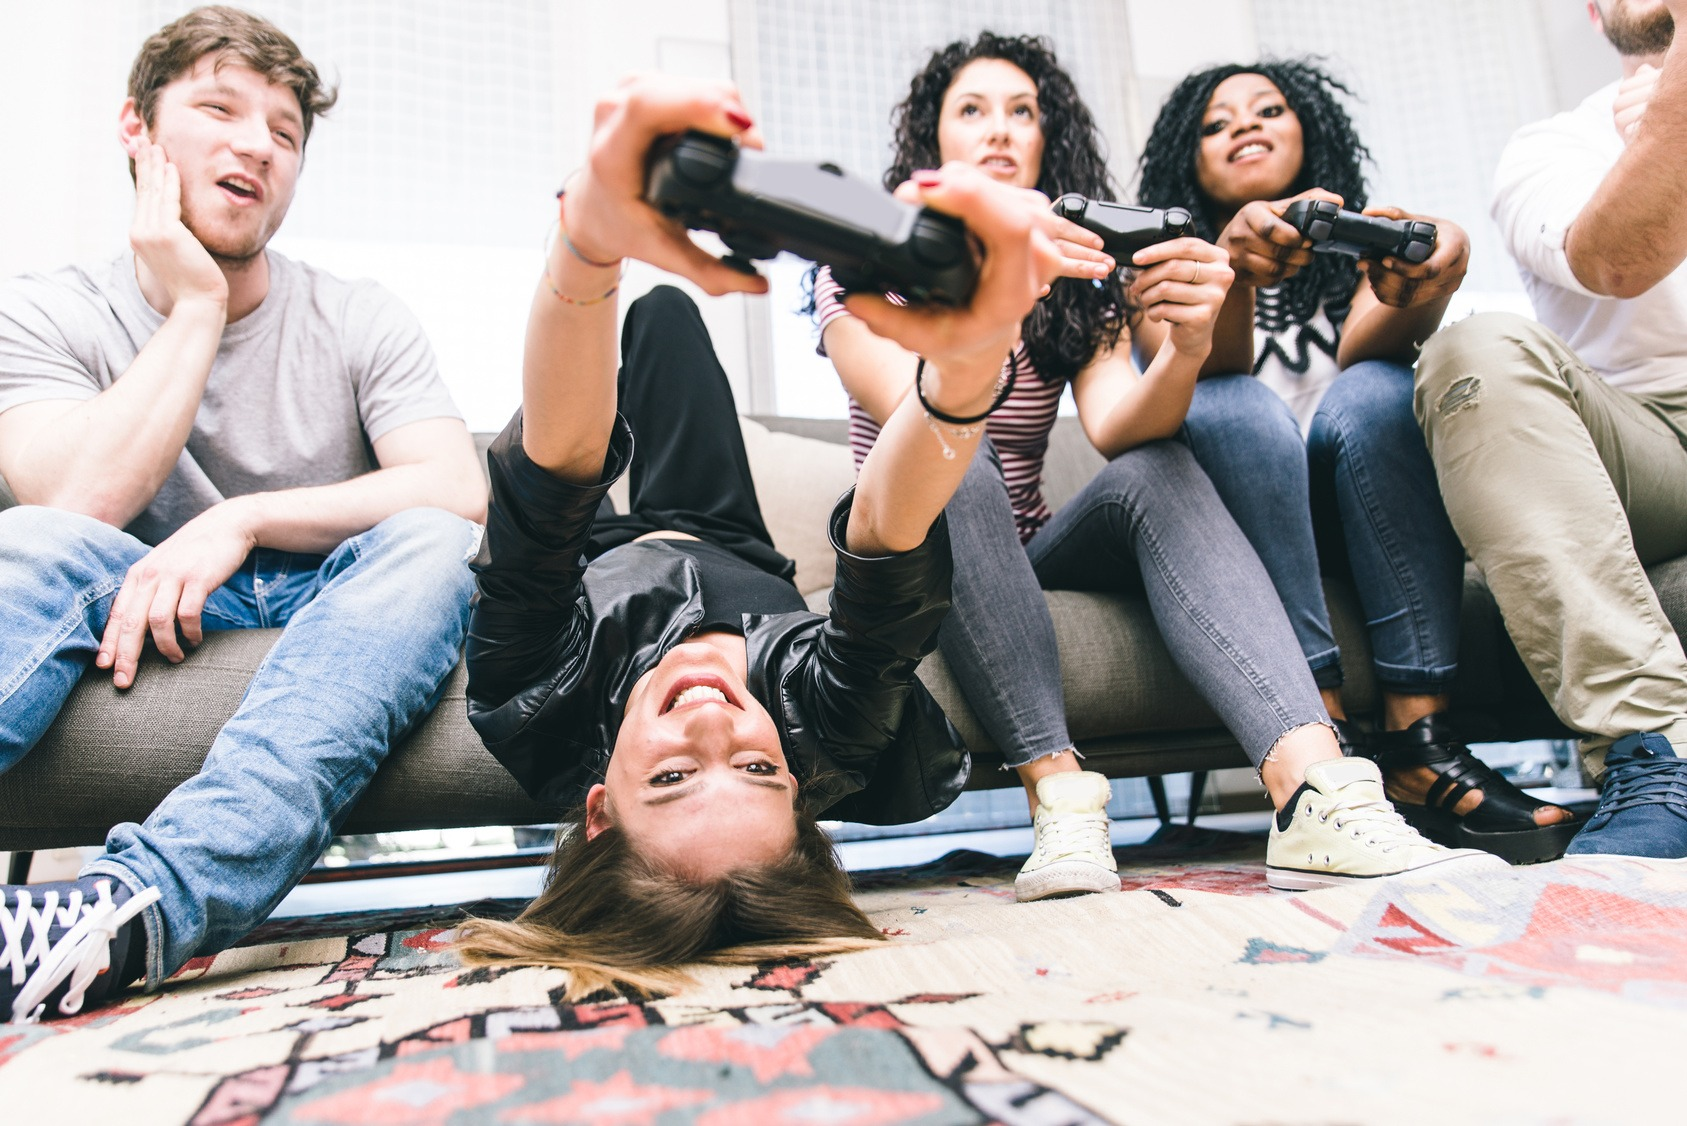 Eine Gruppe Studenten beim gemeinsamen zocken auf der Couch.